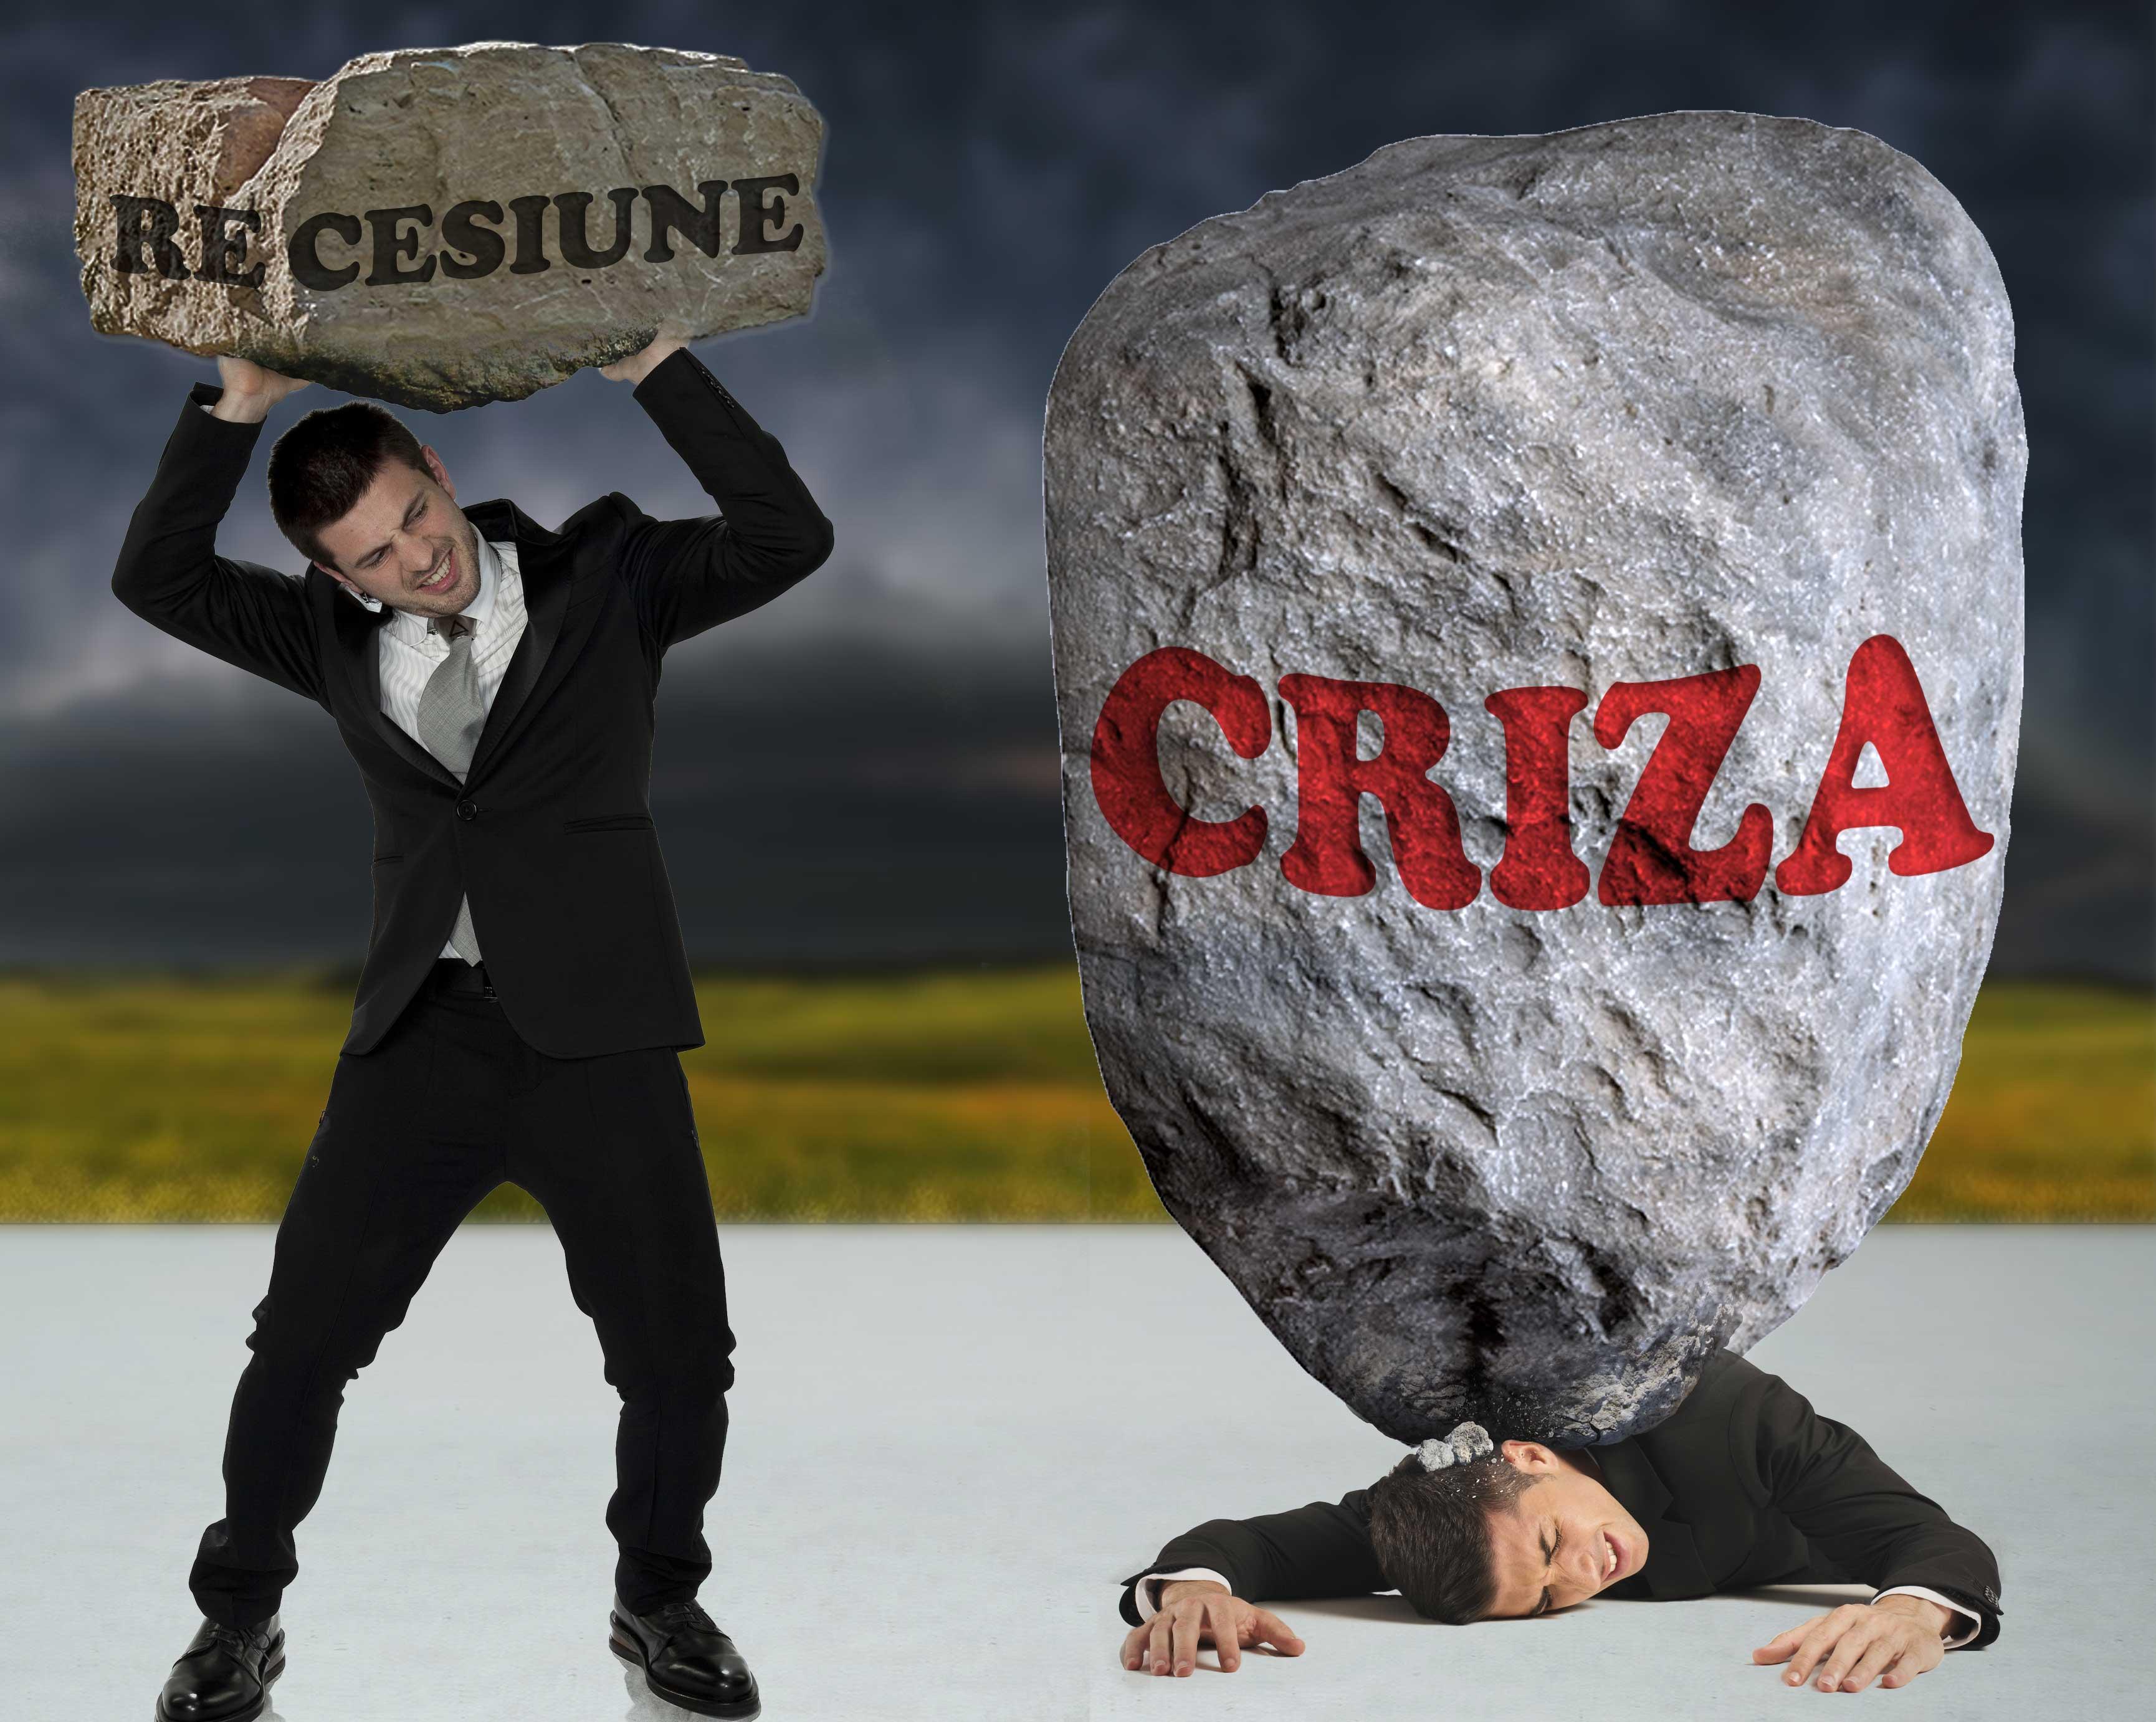 criza-vs-recesiune